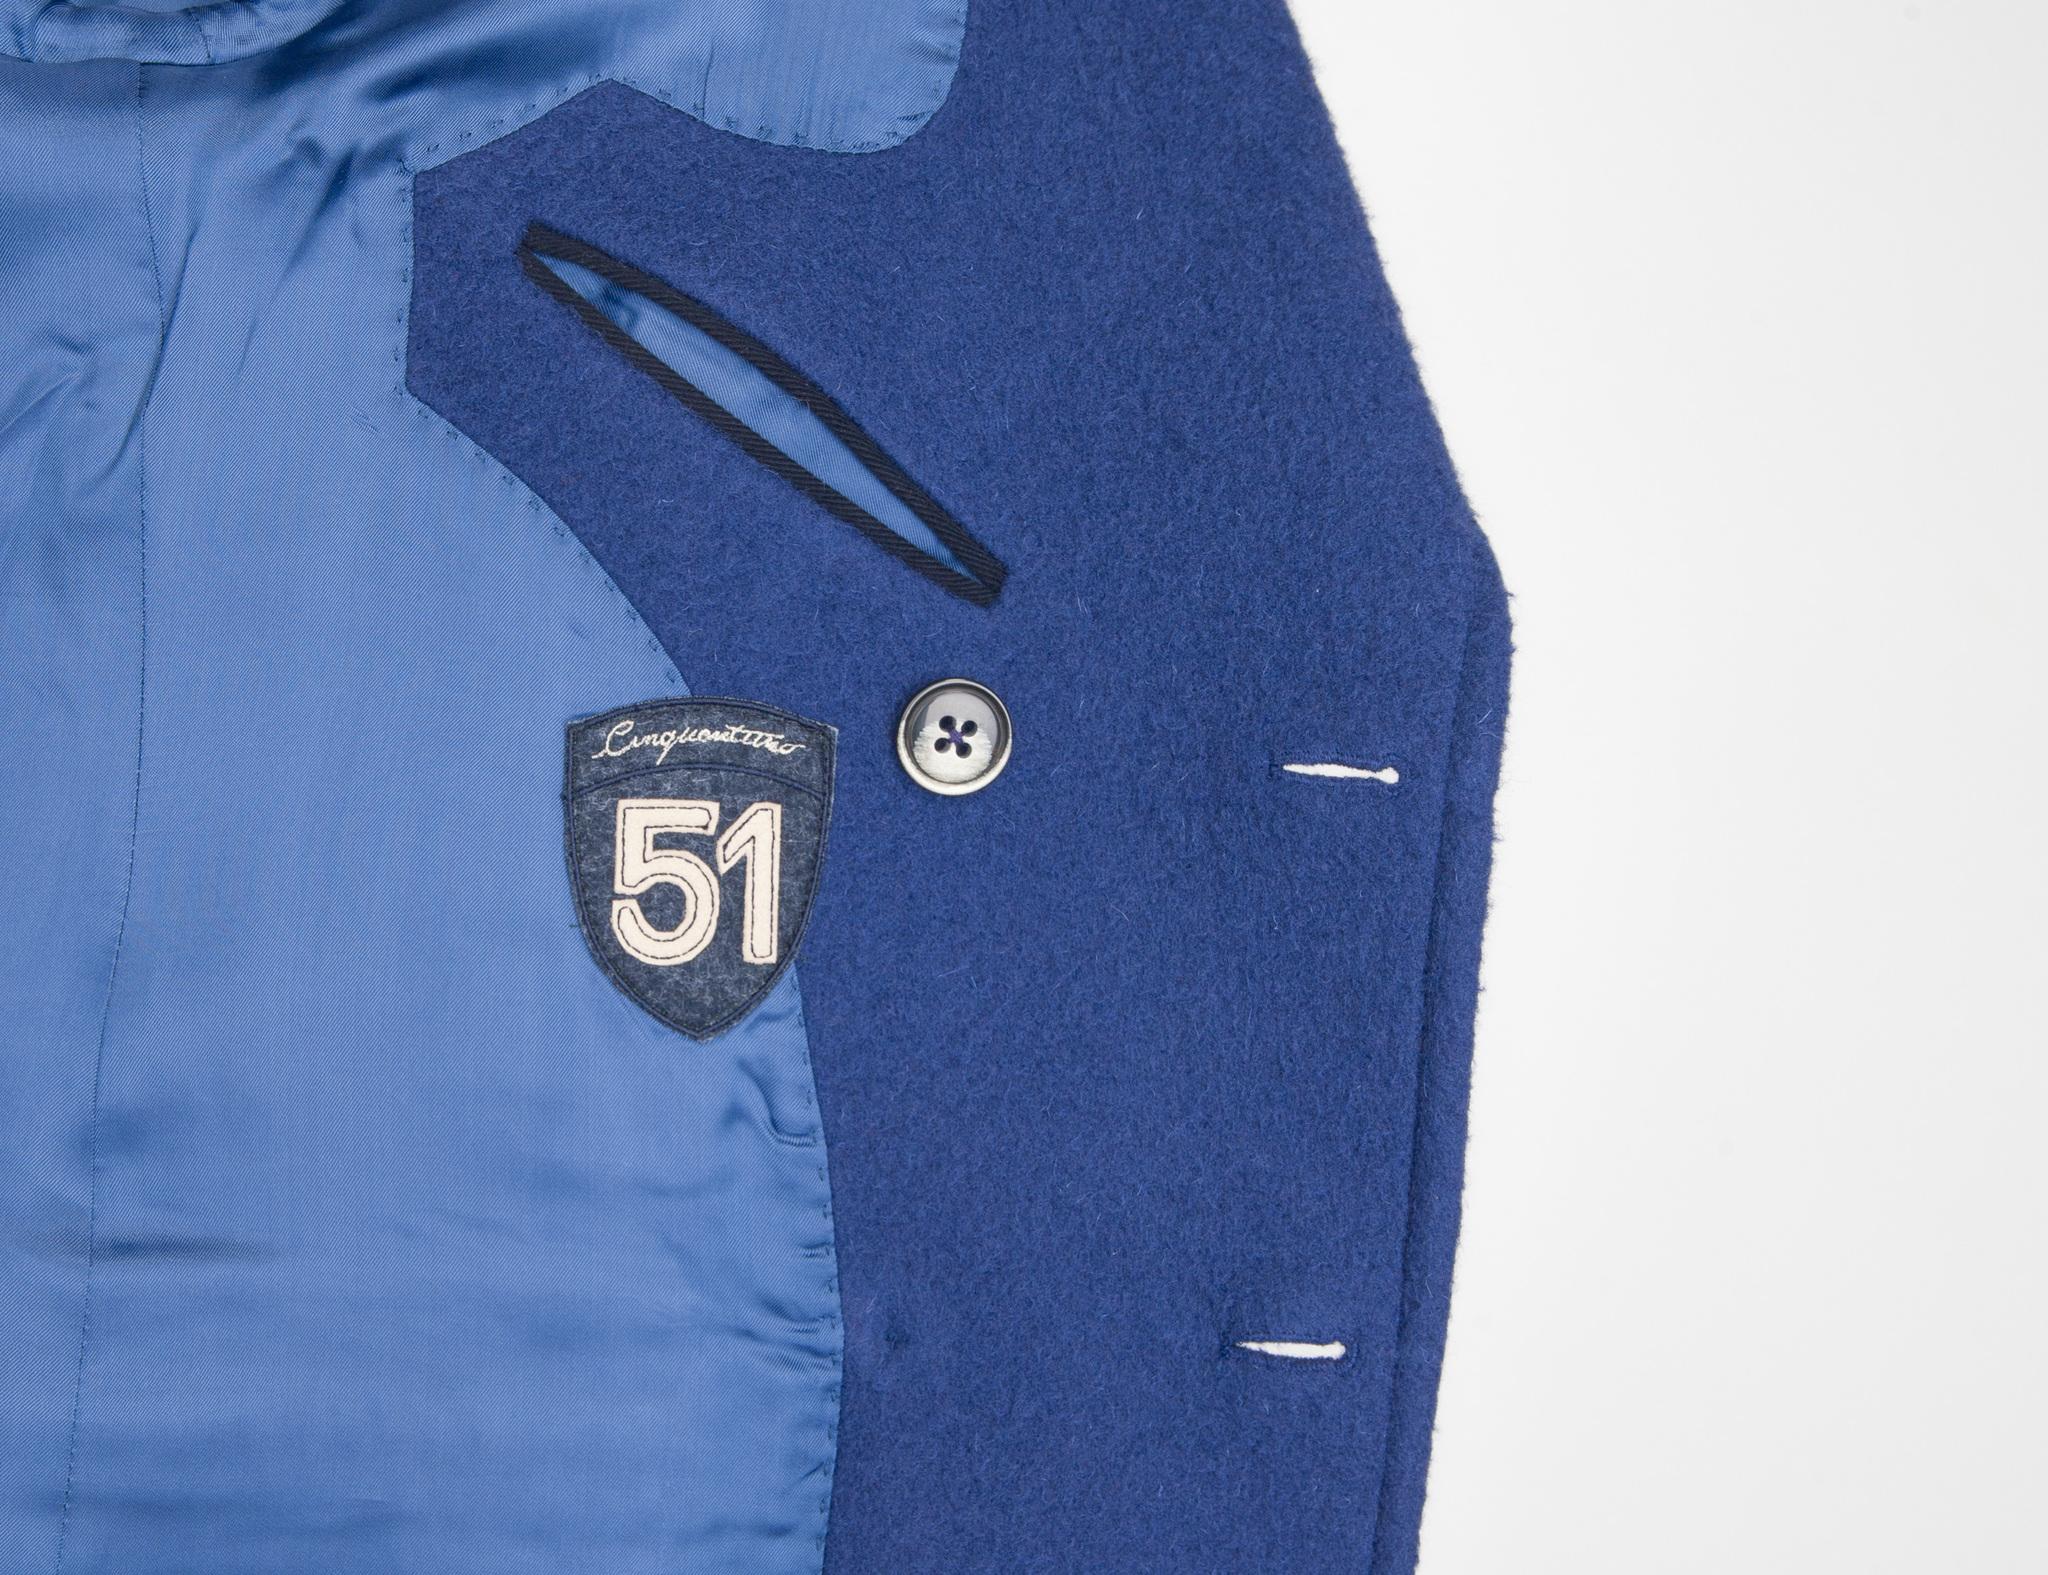 Двубортное синее шерстяное пальто узкого кроя, логотип